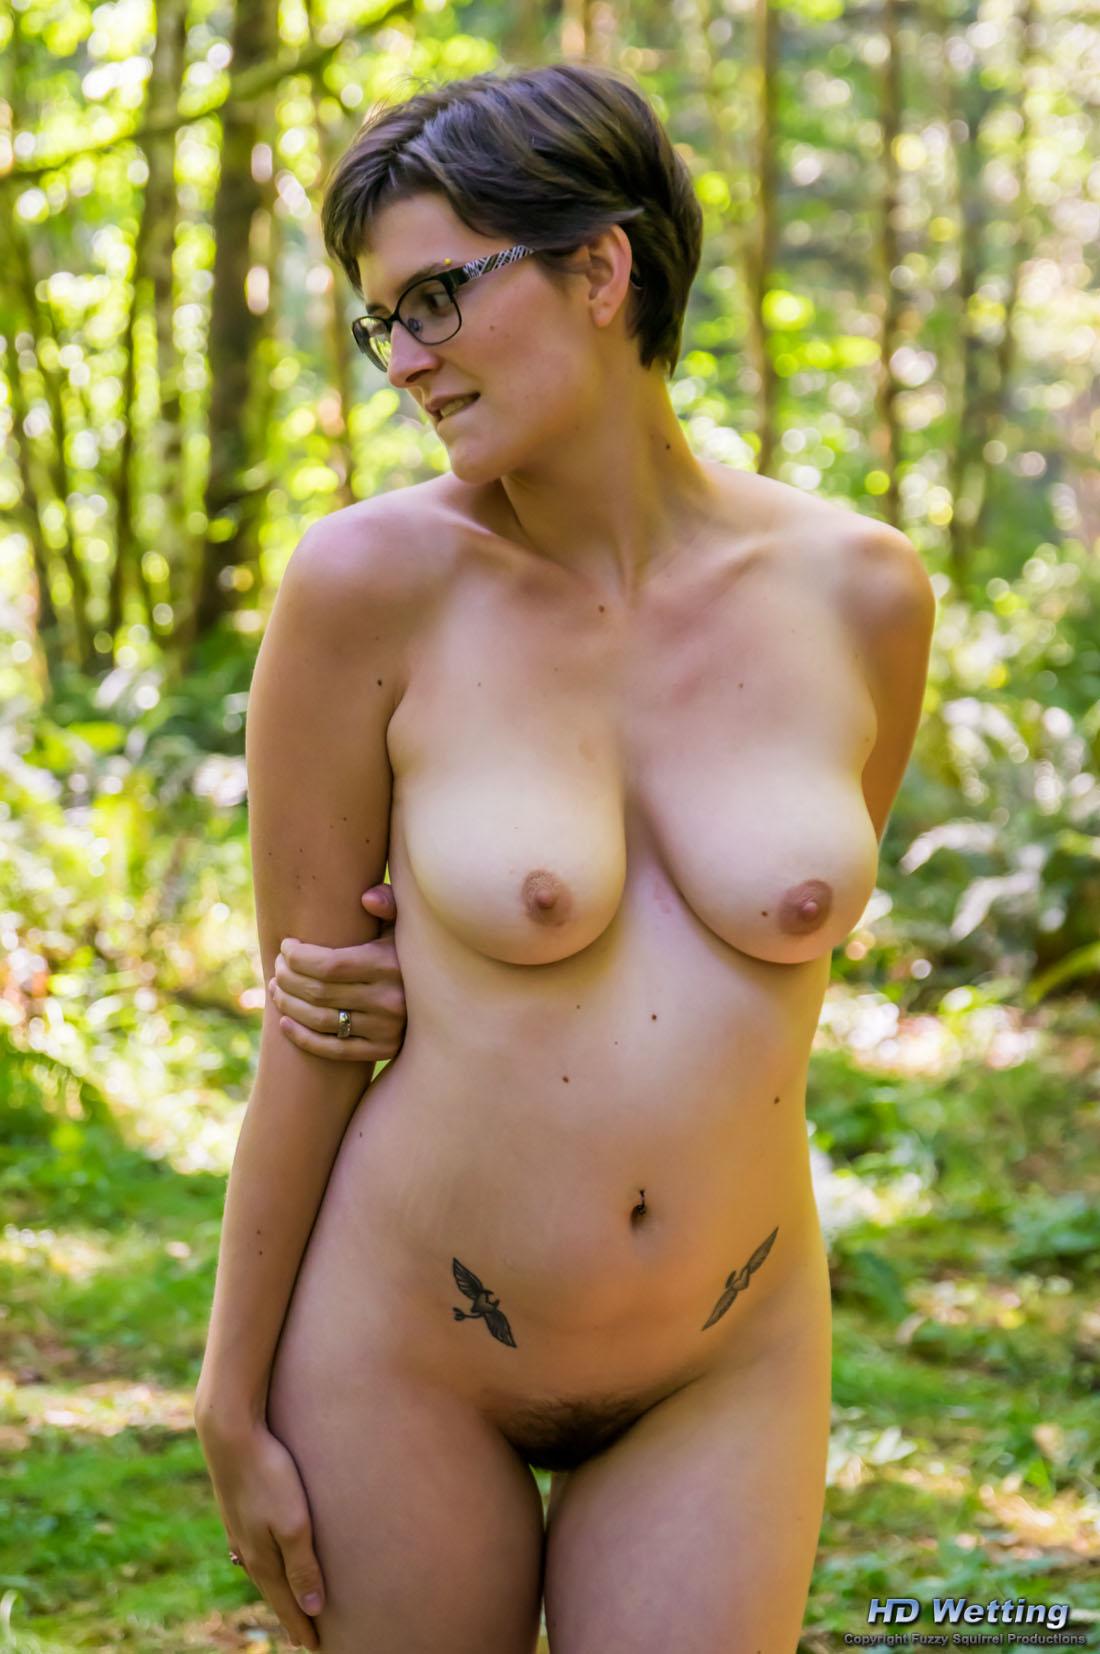 big tits selfie gallery